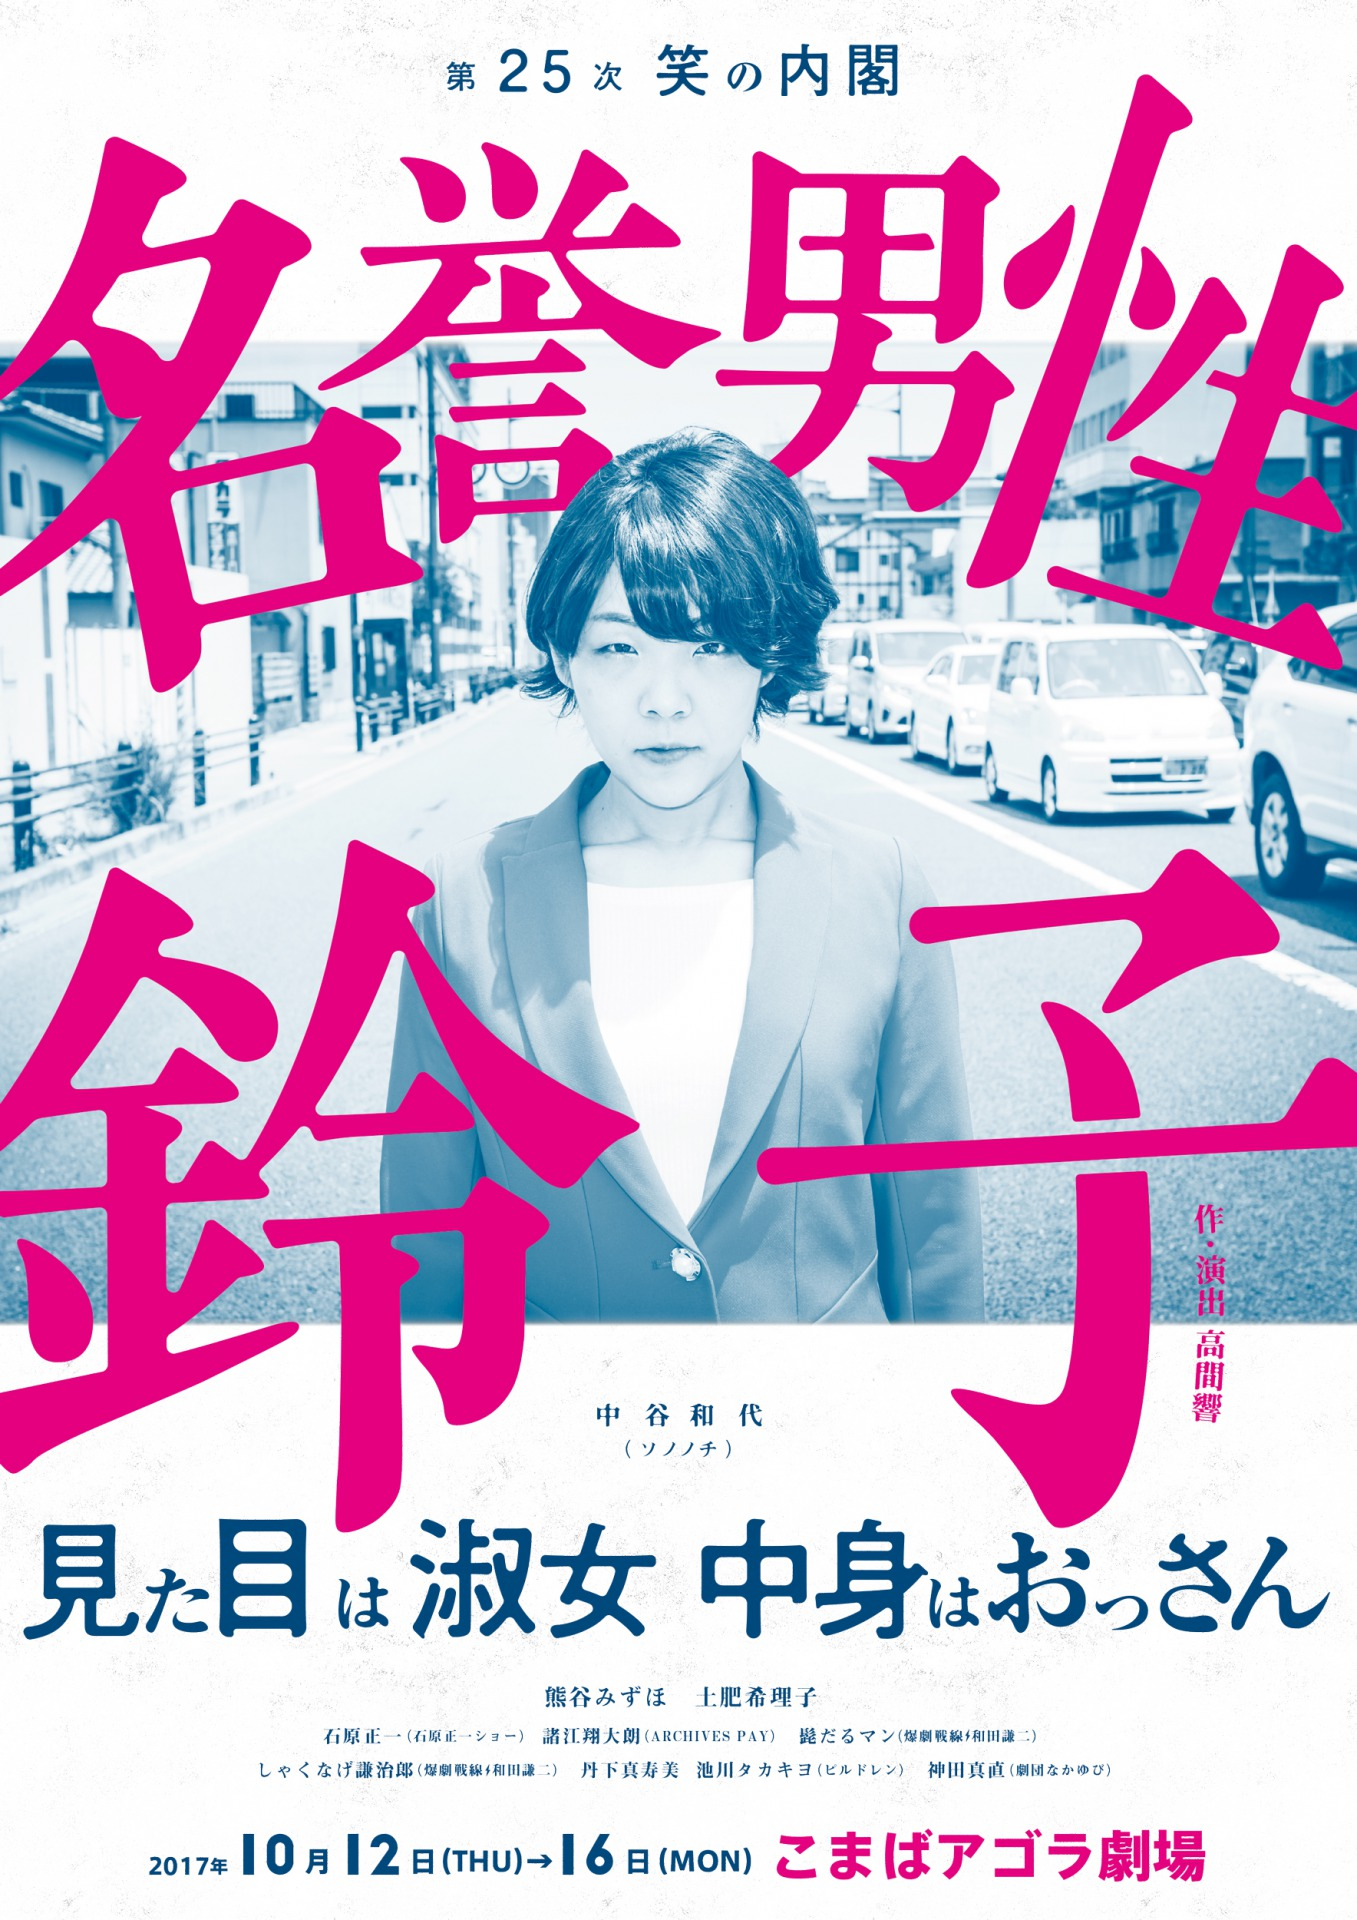 【10月14日18:30】第25次笑の内閣『名誉男性鈴子』(東京公演)